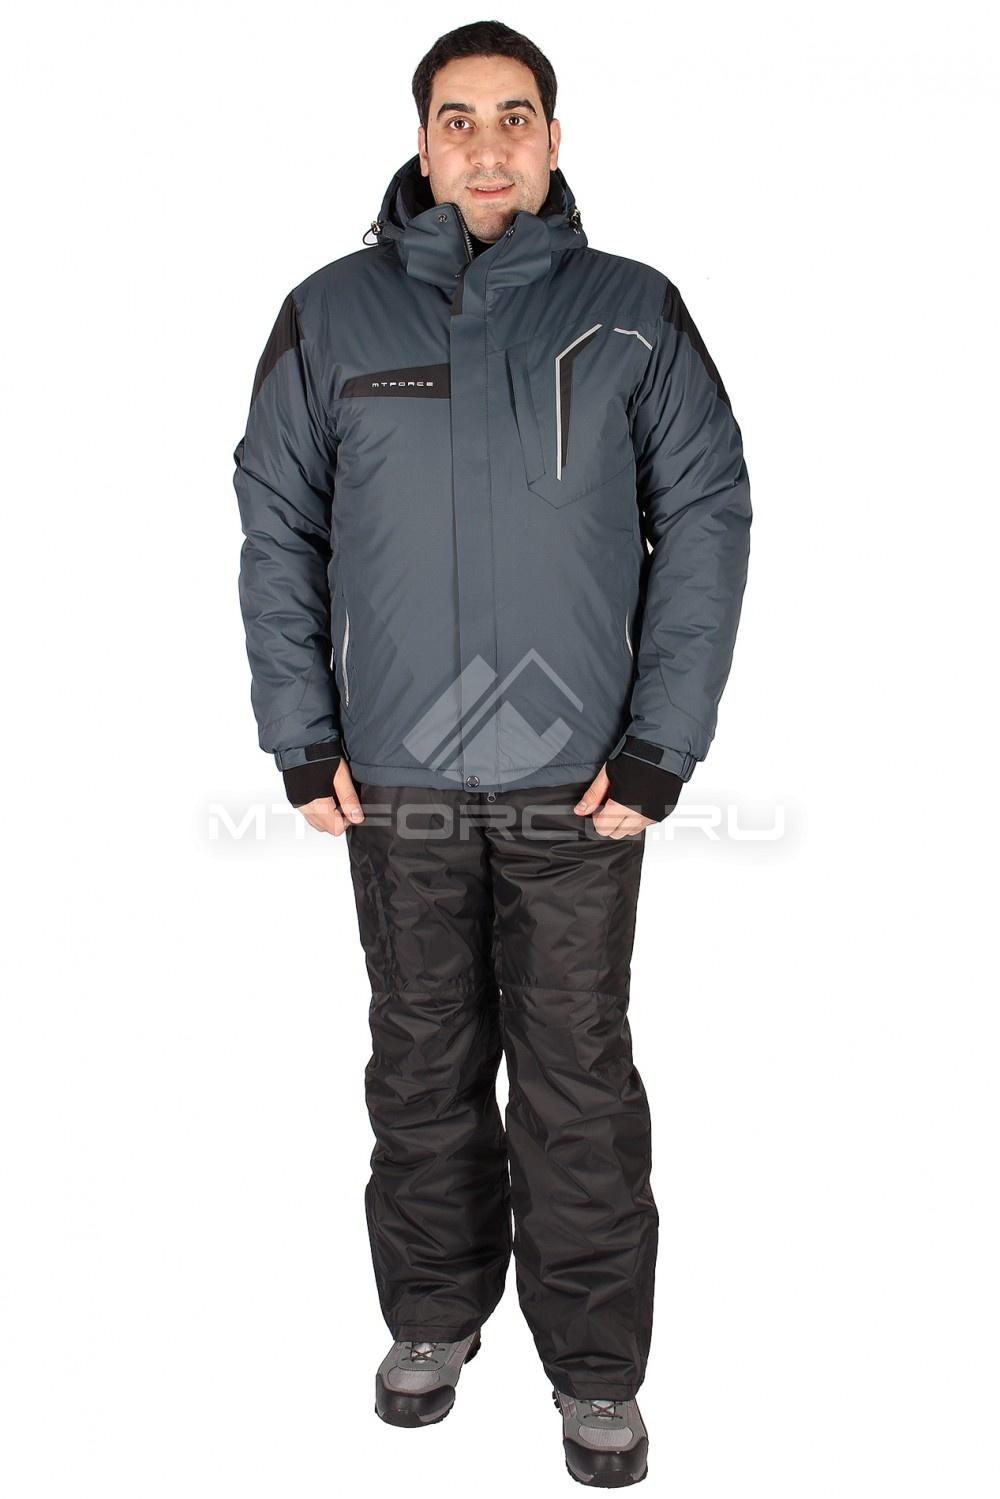 Купить                                  оптом Костюм горнолыжный мужской серого цвета 01554Sr